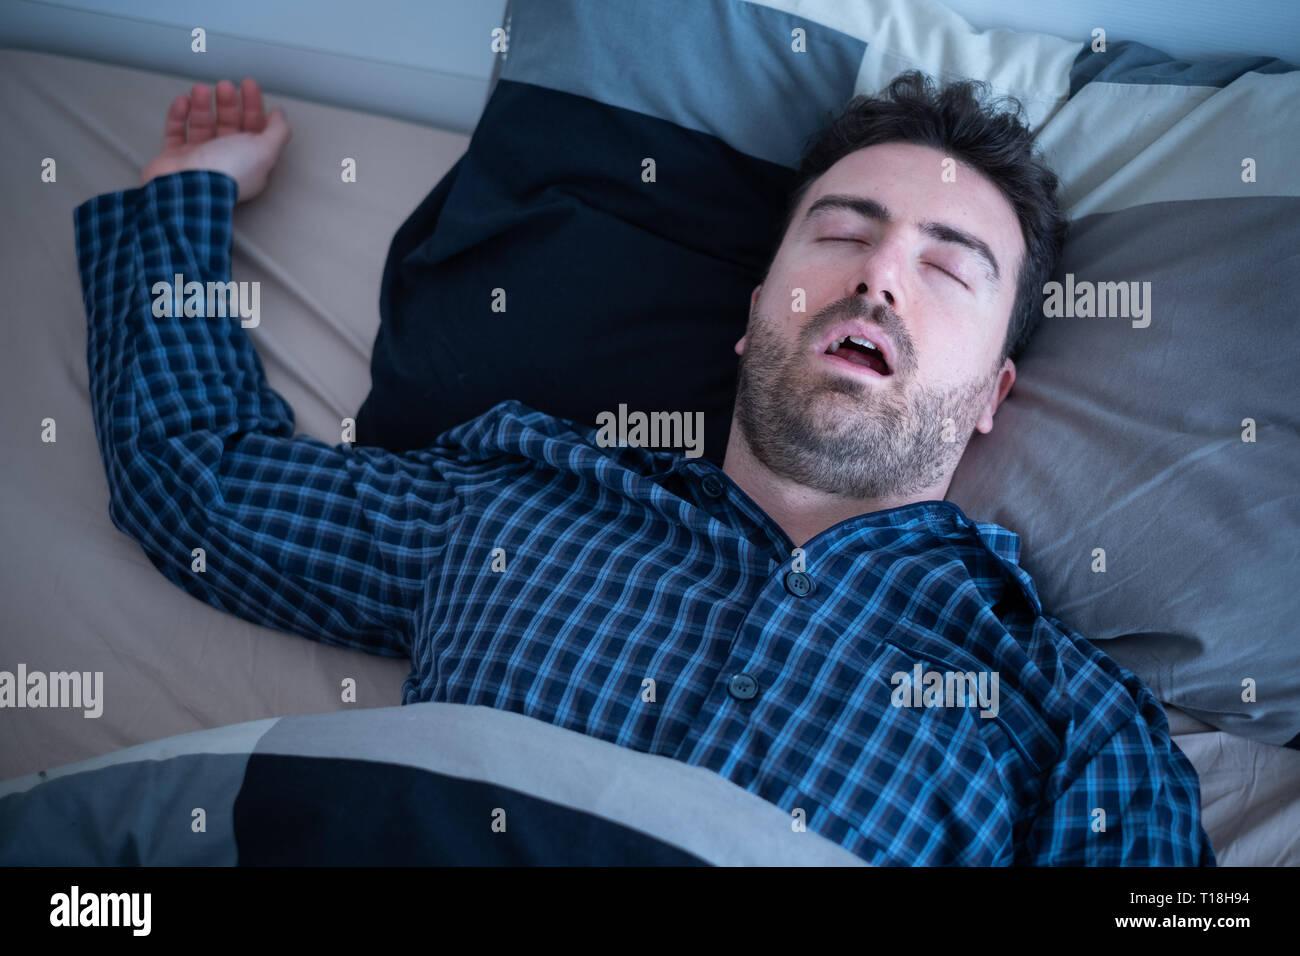 Maschio di sofferenza apnea nel sonno che giace nel letto Immagini Stock